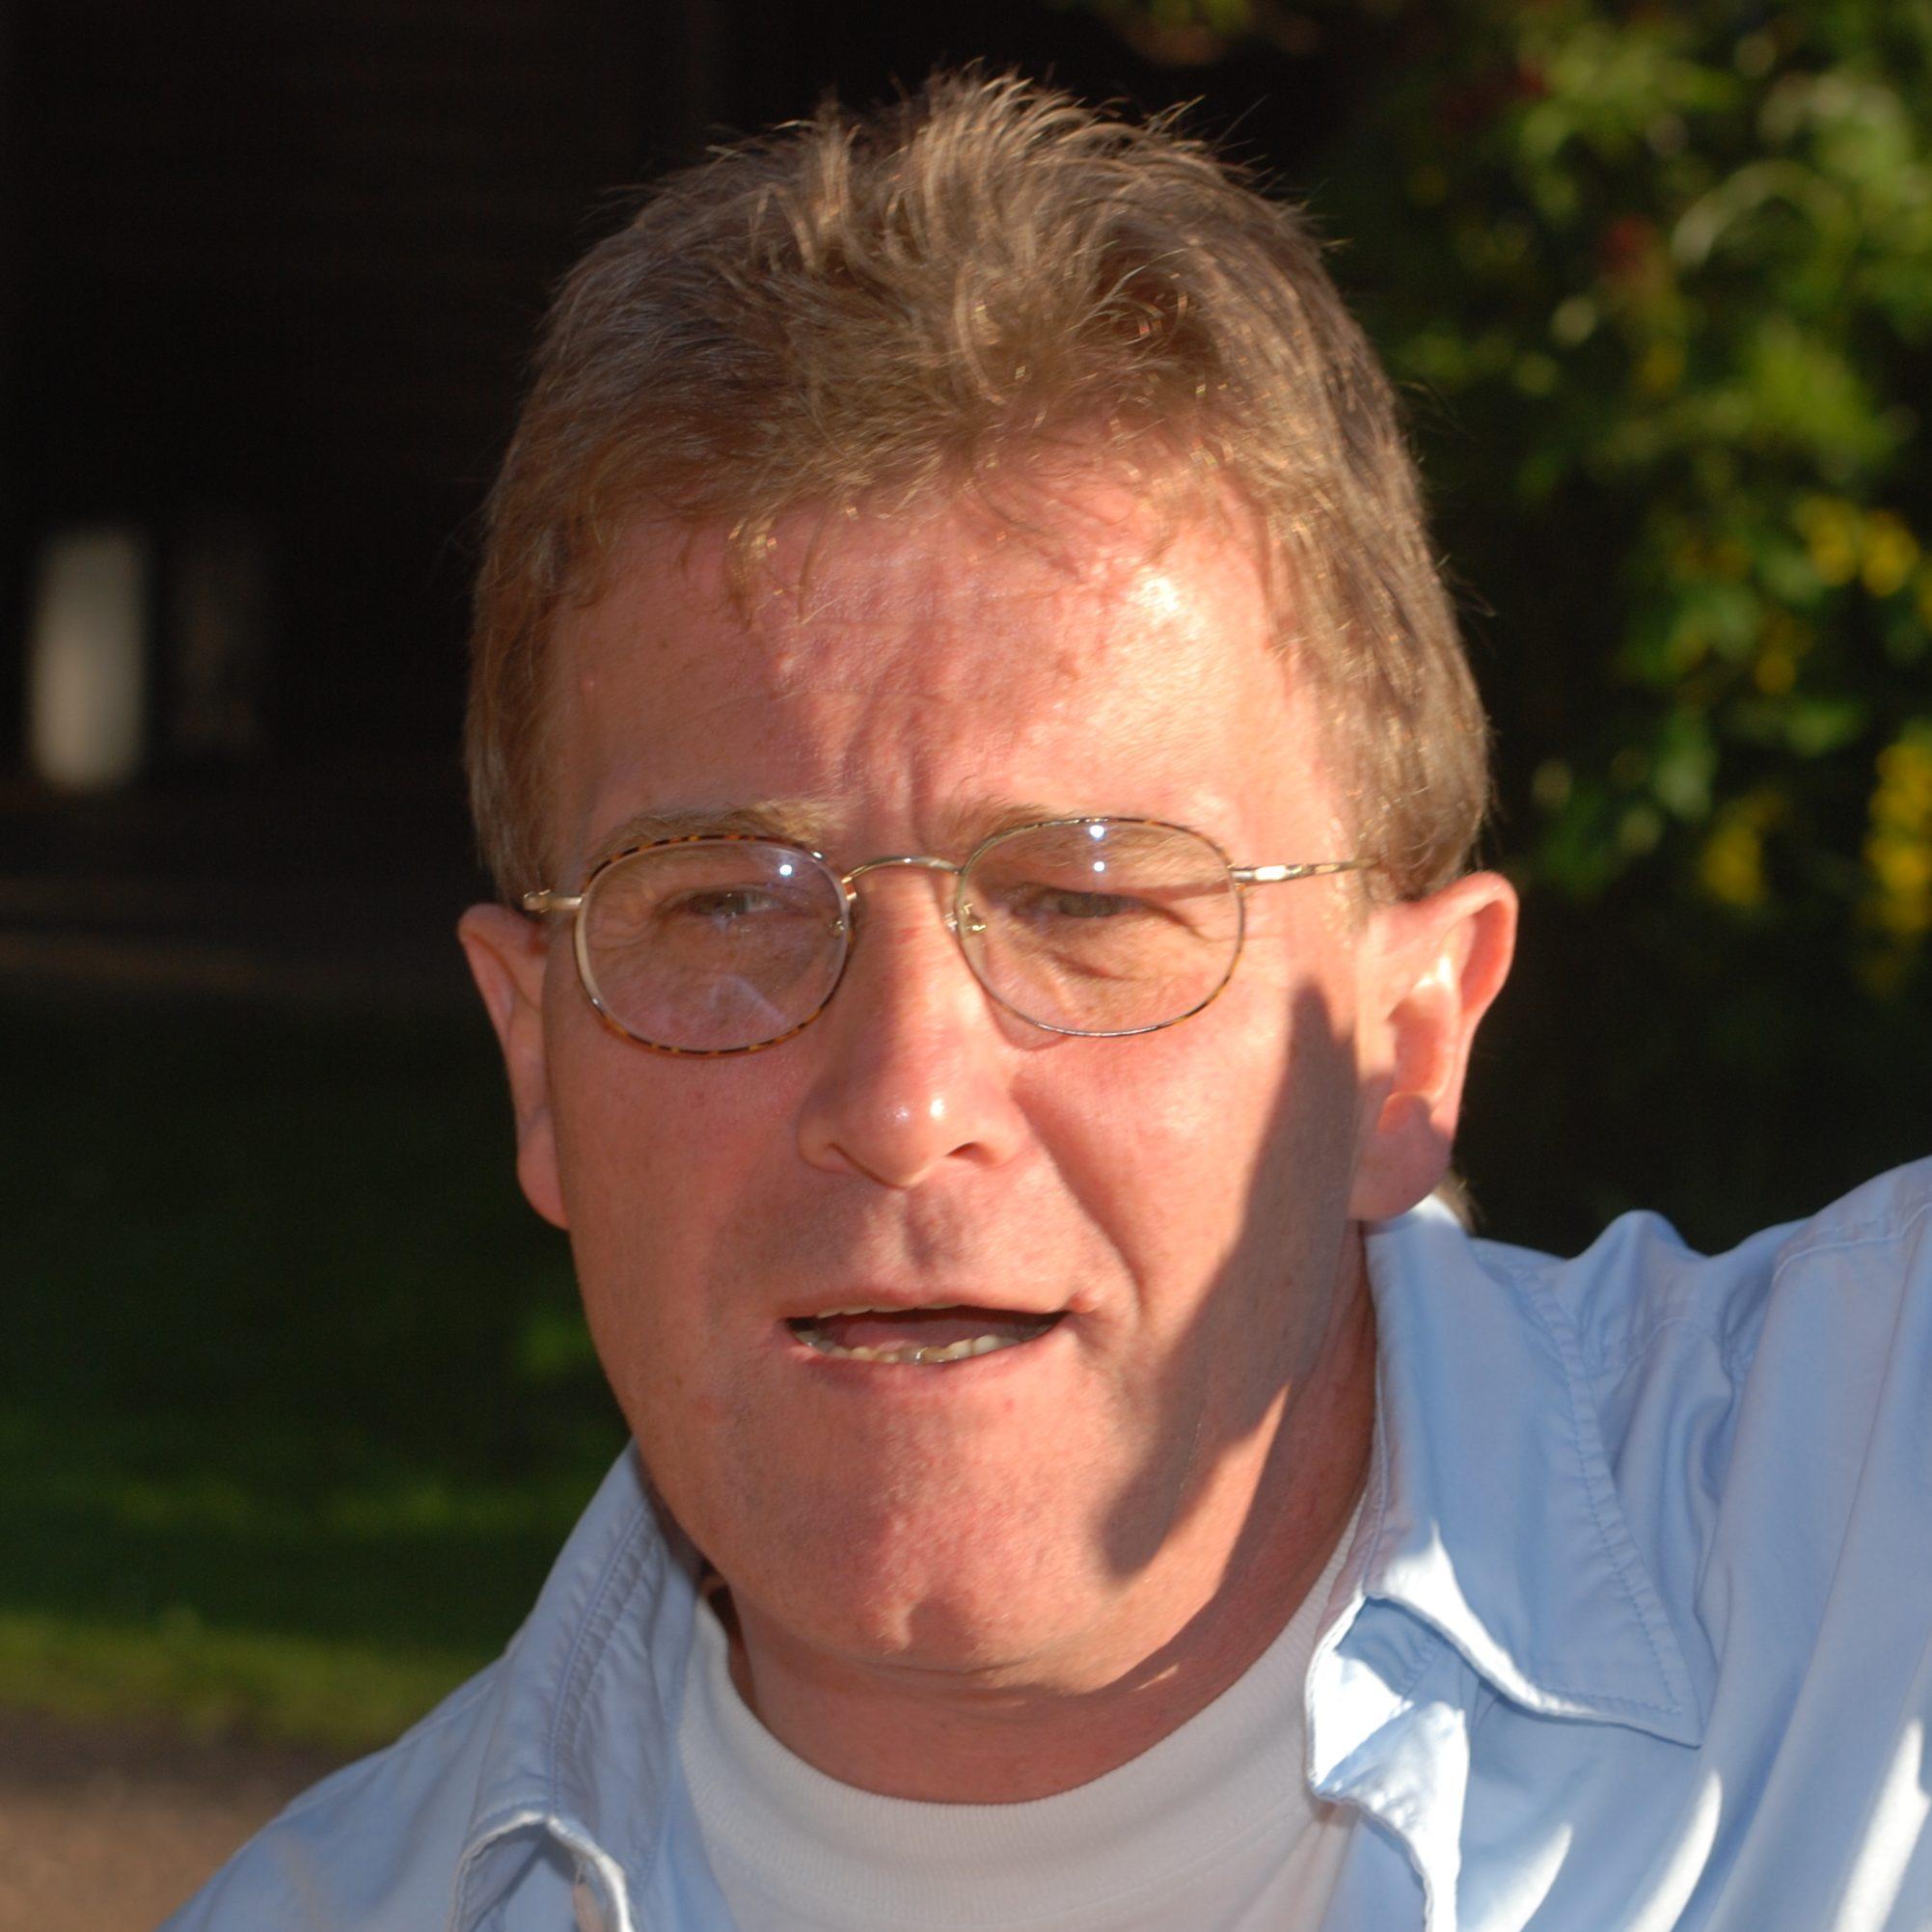 Hans Joachim Grimmert